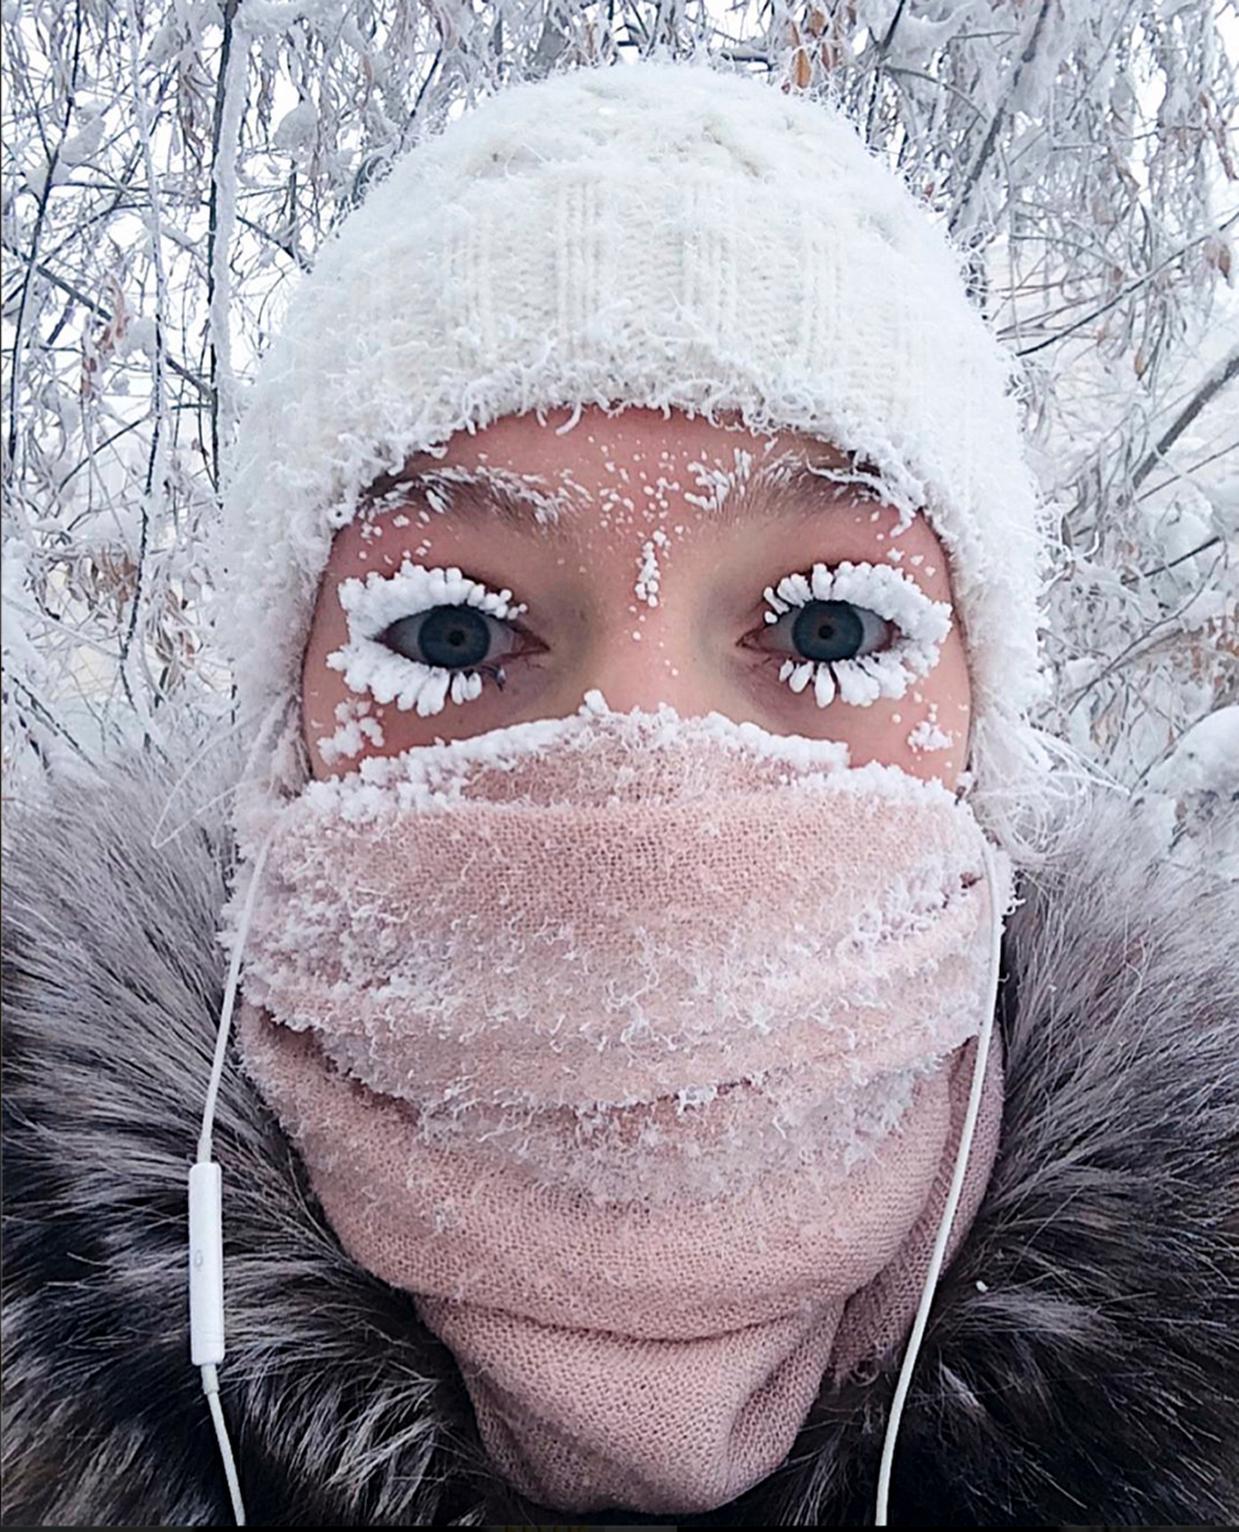 eyelash freeze - Coldest Place On Earth, Where Eyelashes Freeze